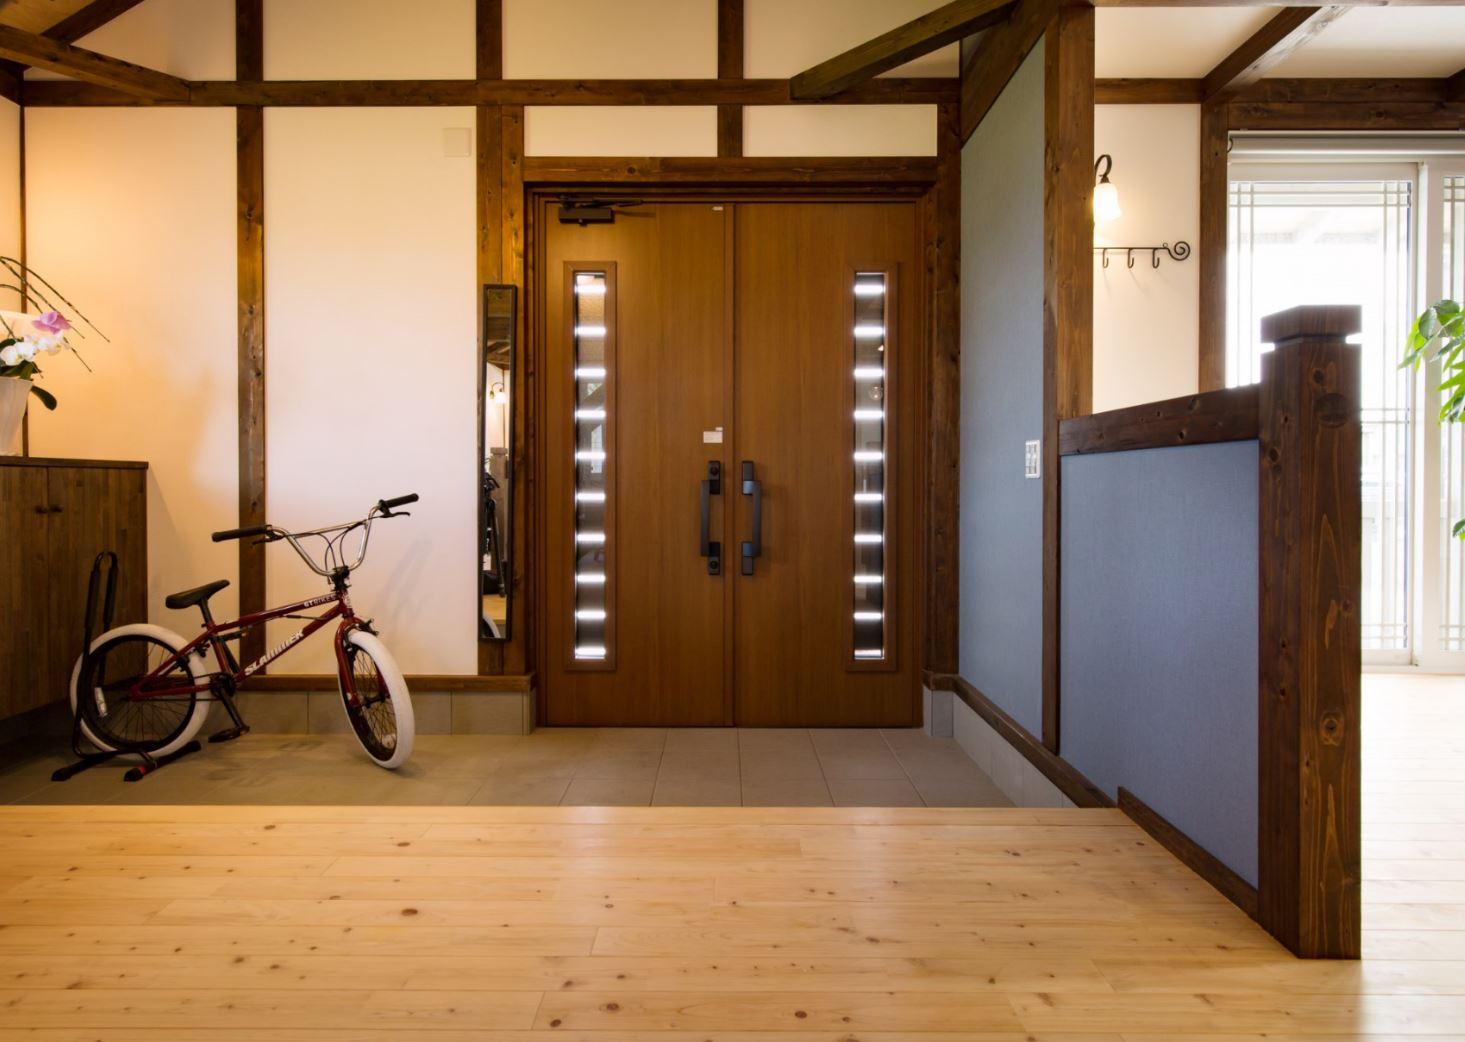 サイエンスホーム【浜松市西区雄踏町宇布見9849・モデルハウス】玄関の土間スペースは自転車やベビーカーなどの保管に便利